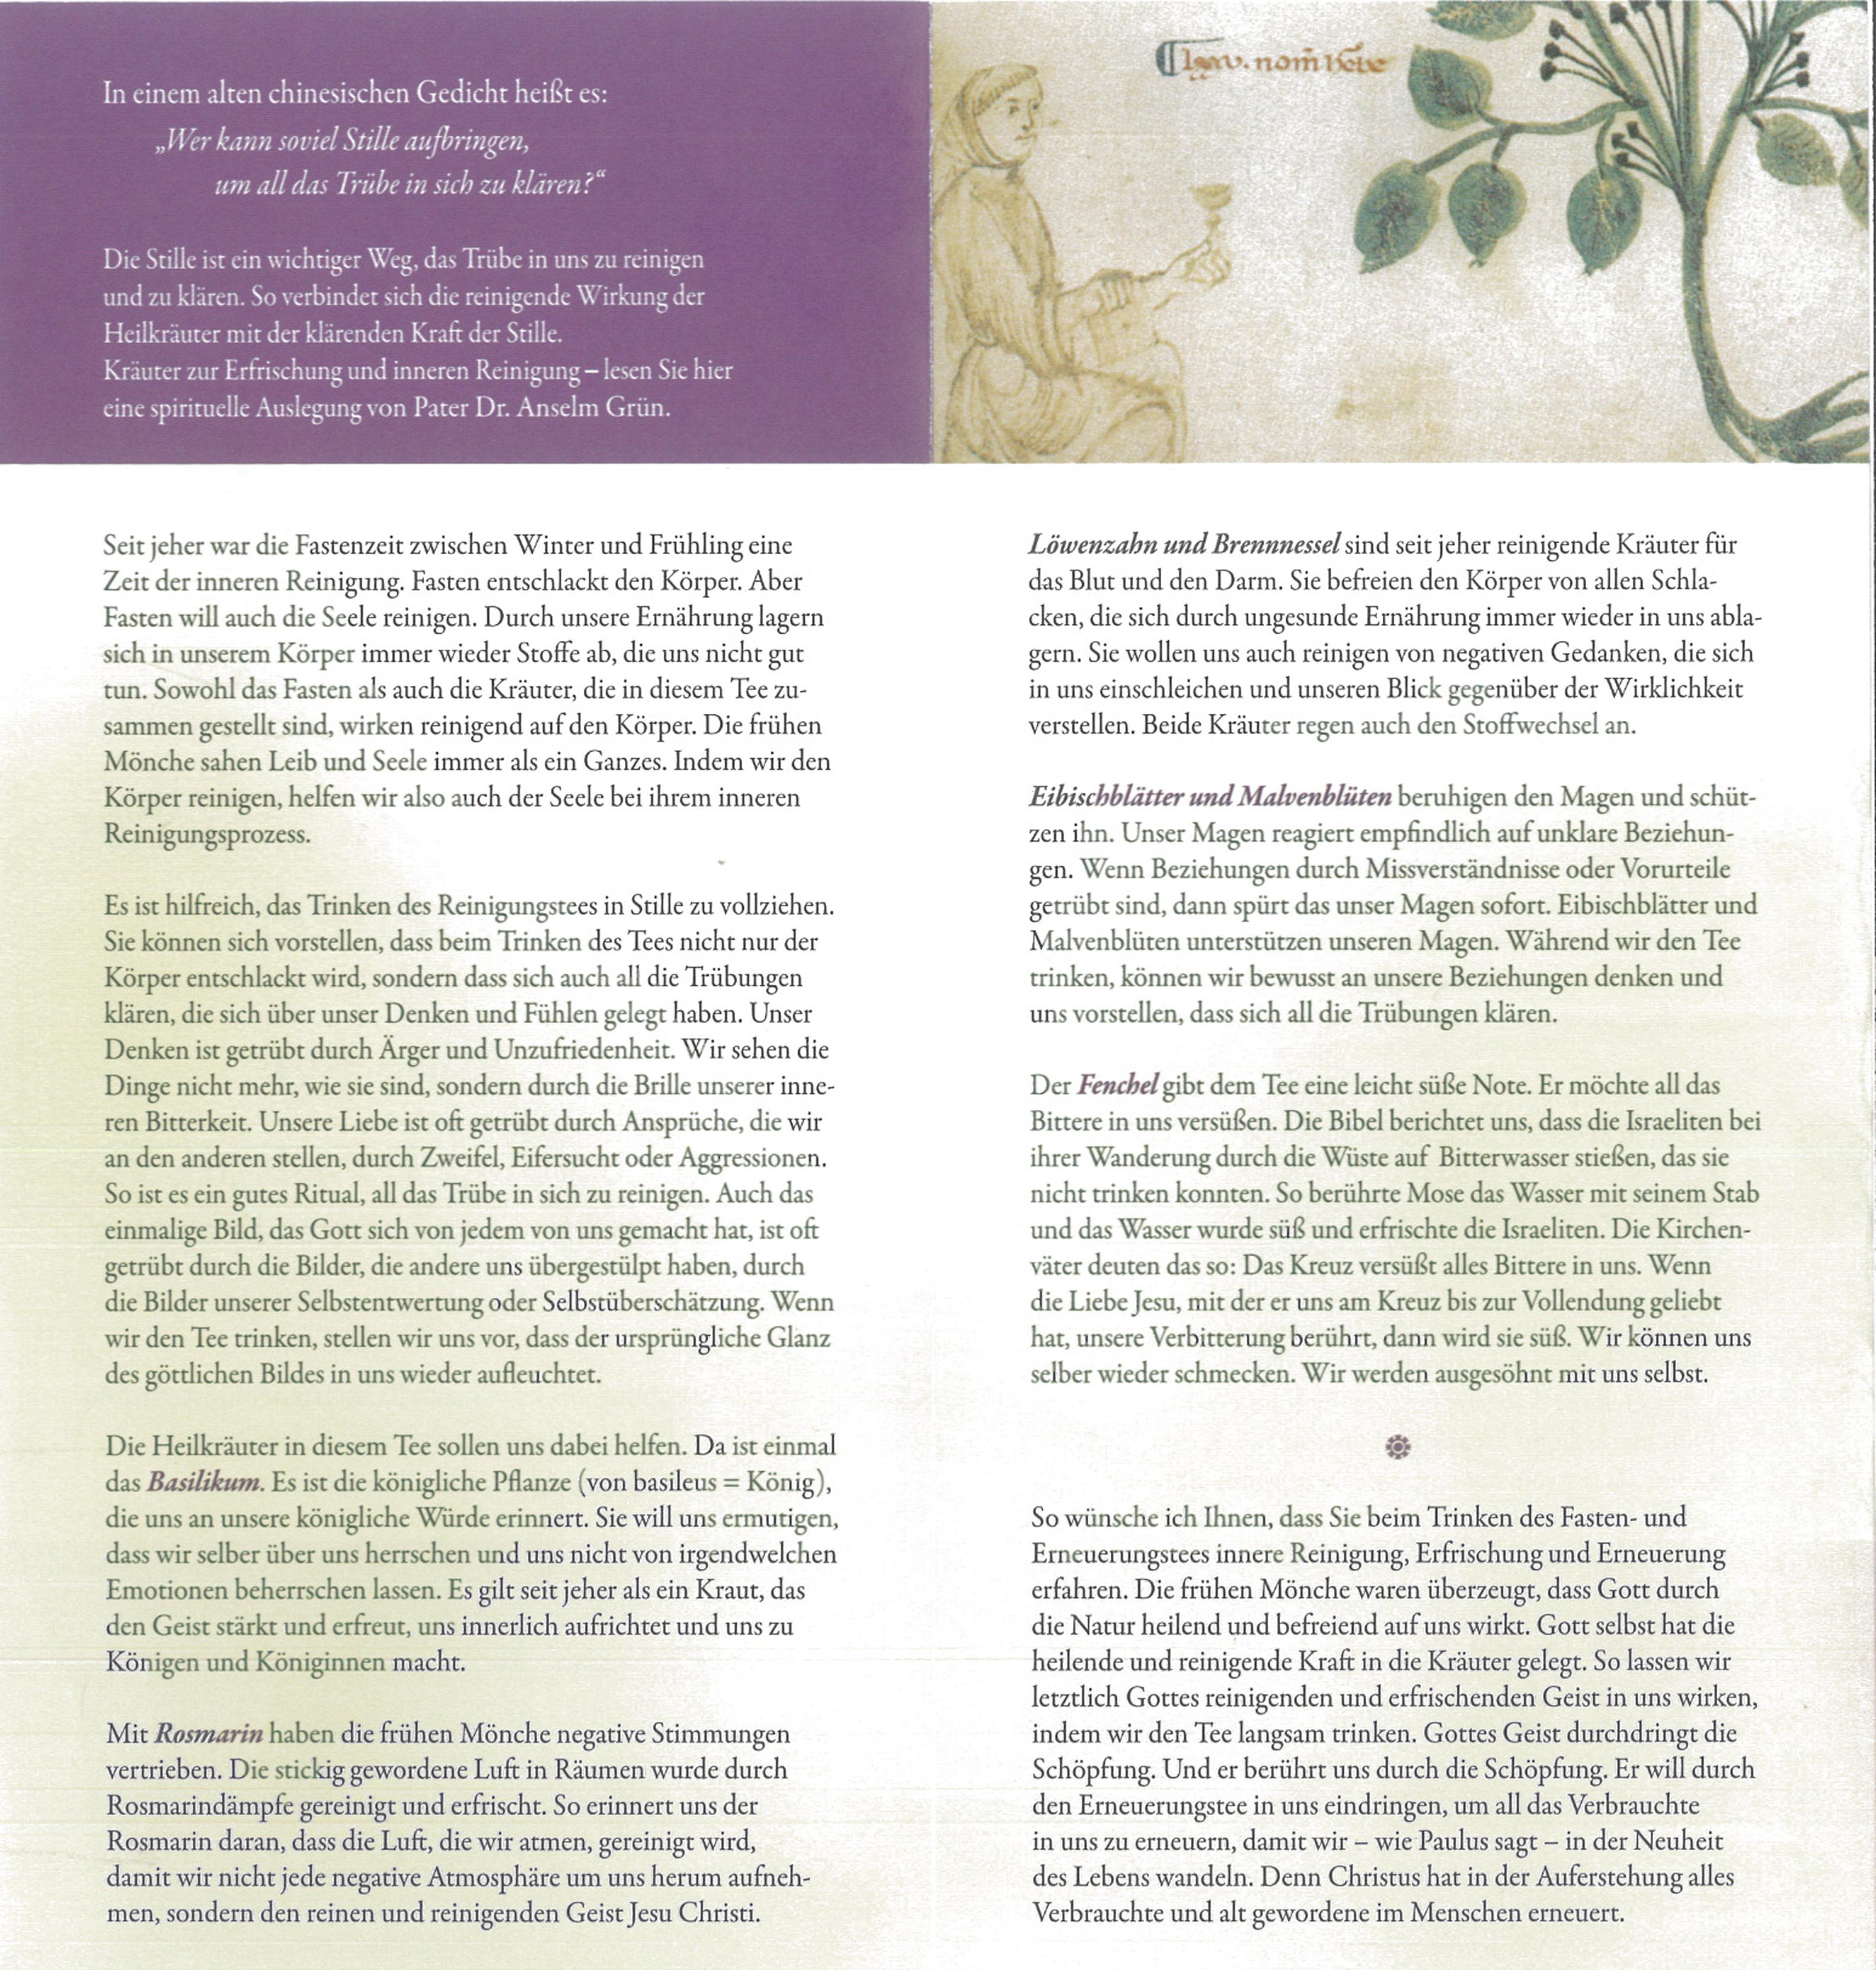 Fasten Und Erneuerungstee St Benedikt